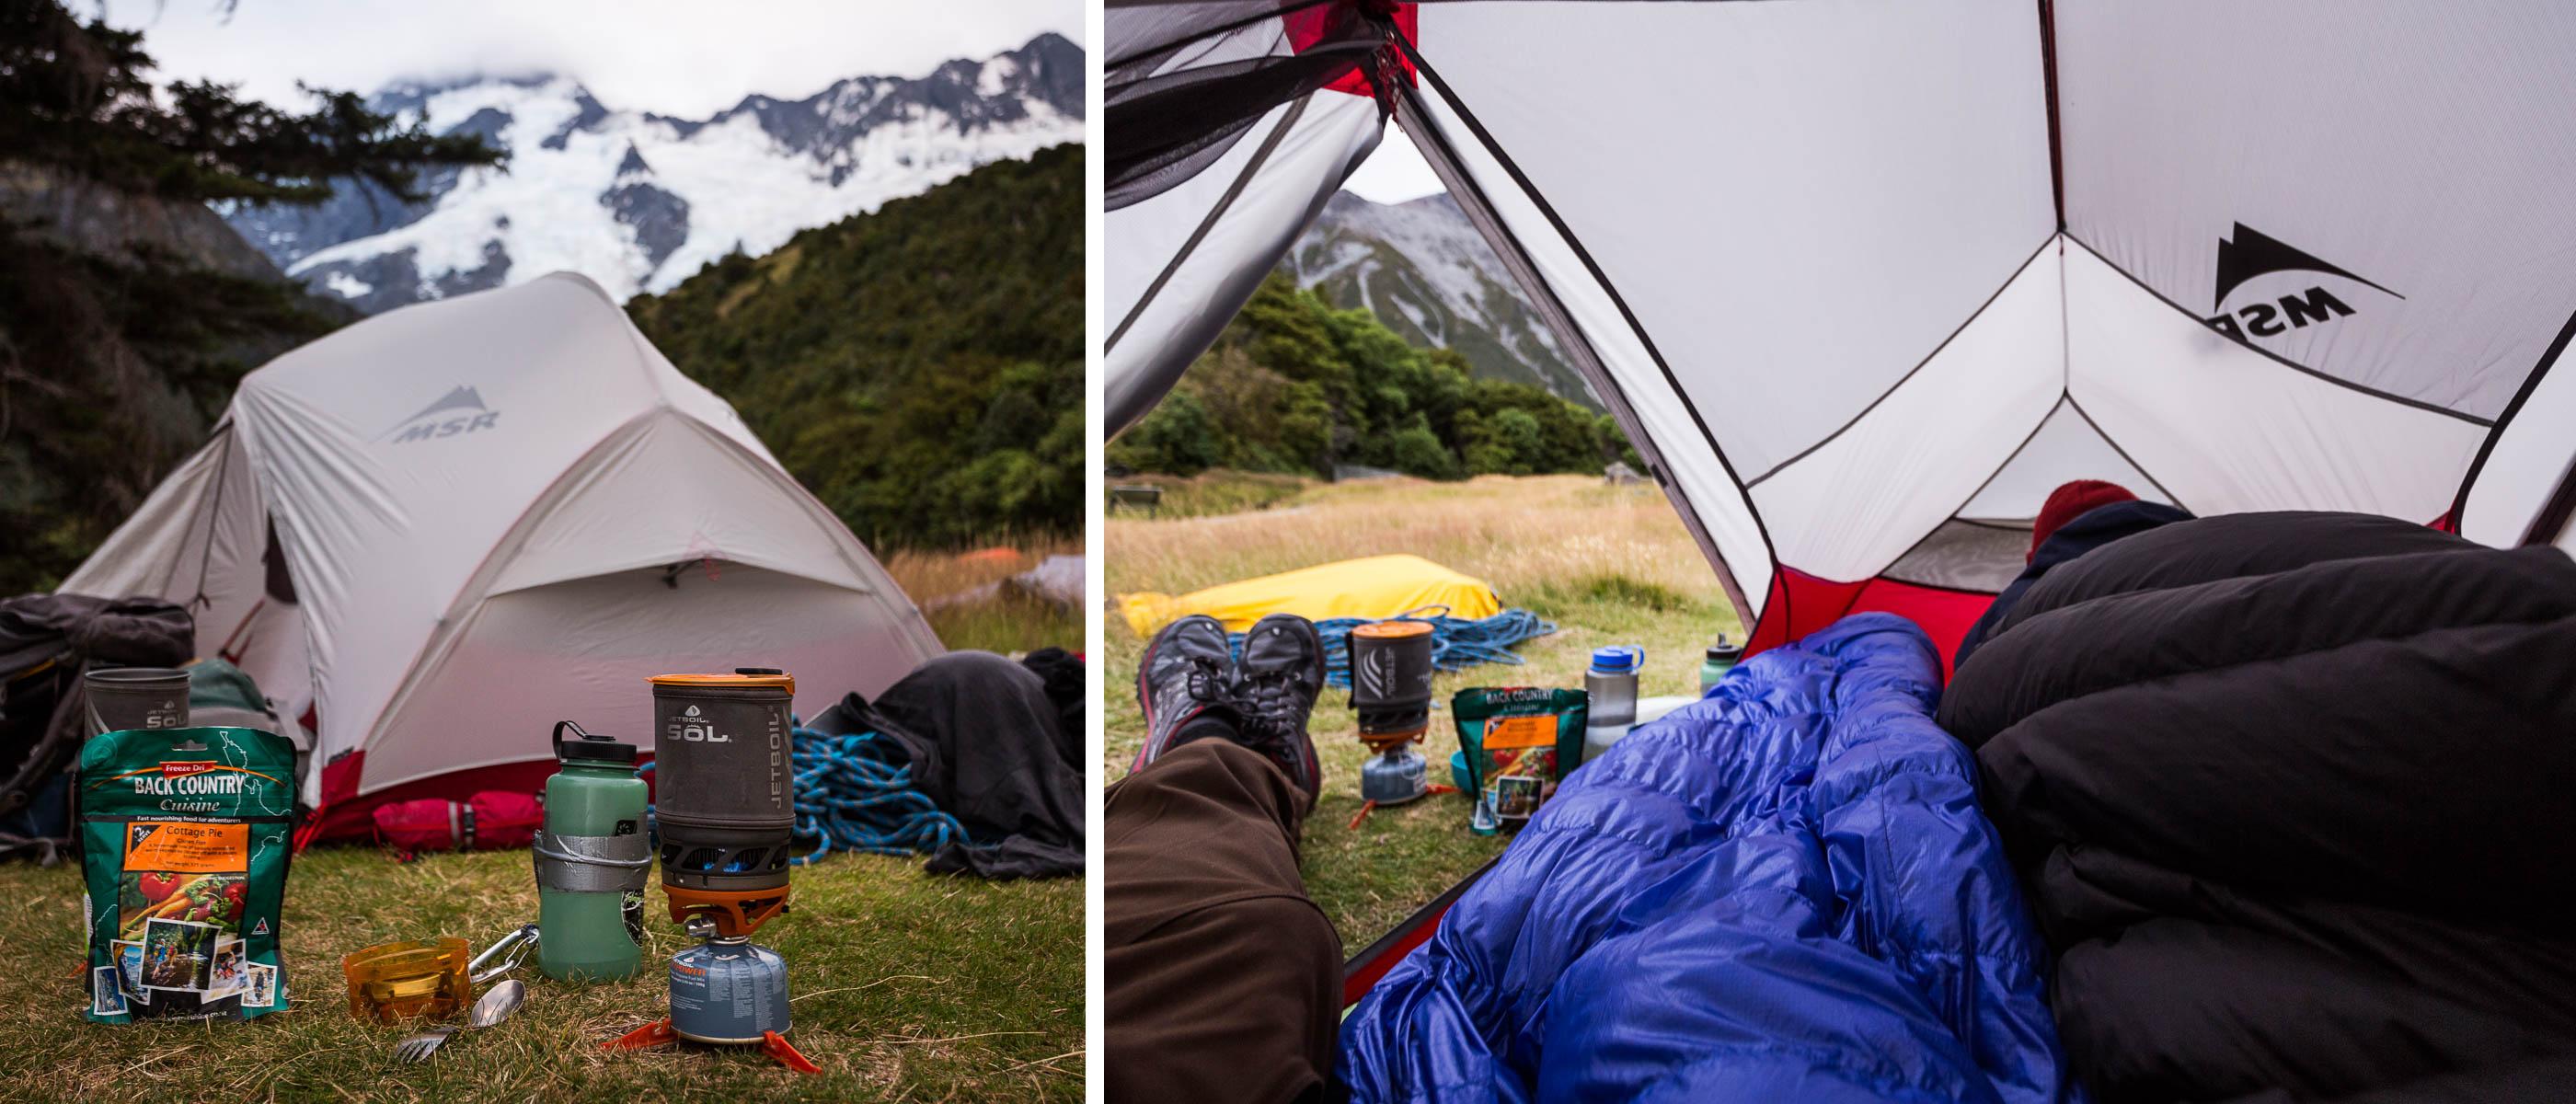 туристическая палатка hubba hubba